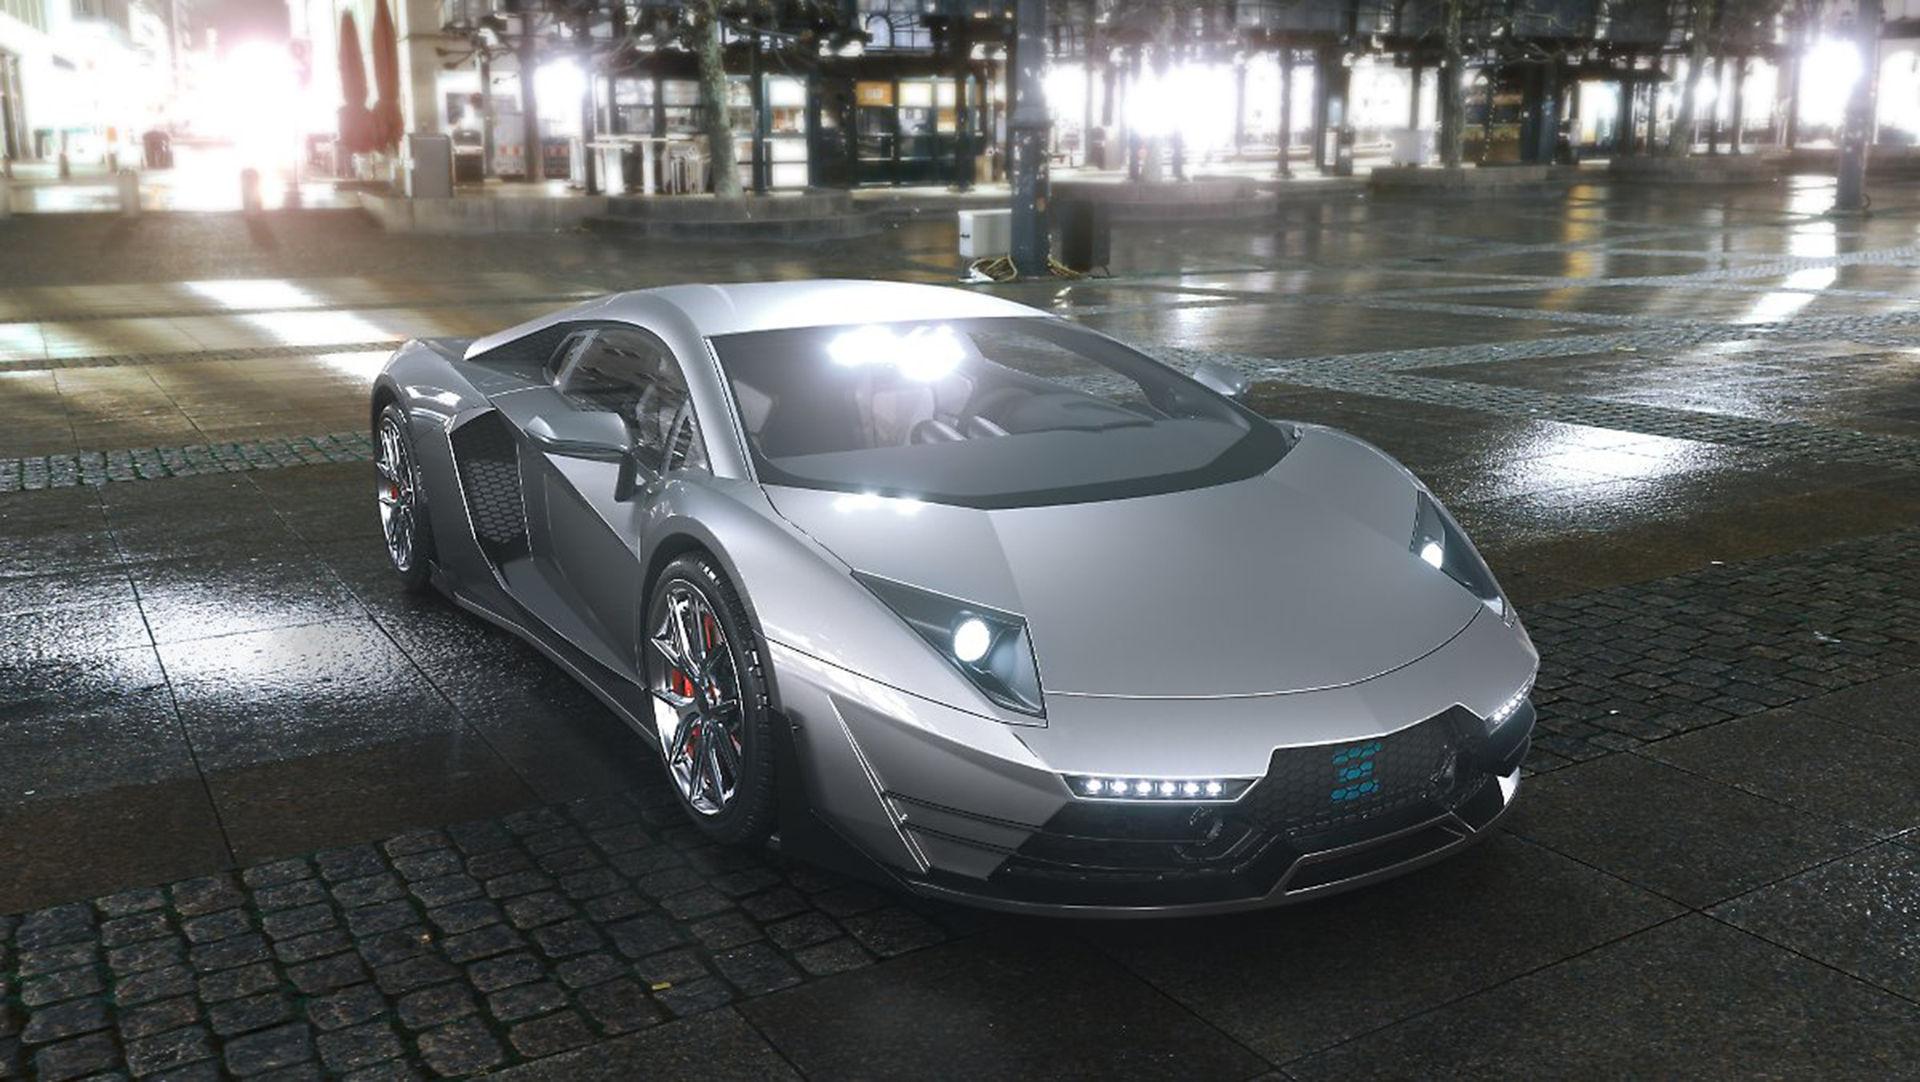 Det här är en ny eldriven superbil från Finland